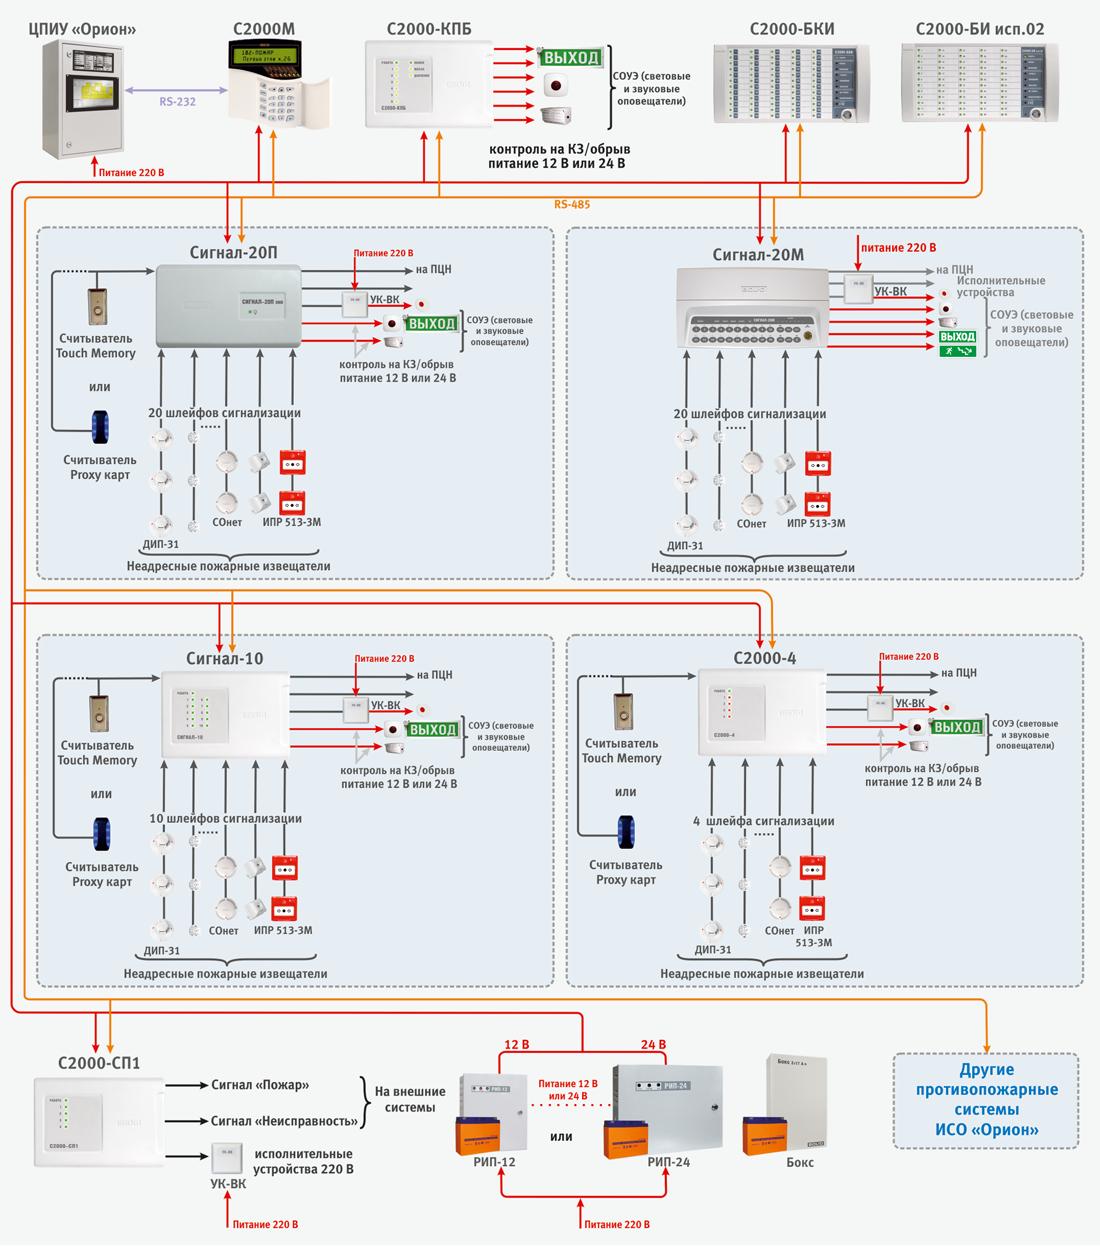 Схема подключения извещателя пожарного и извещателя ручного